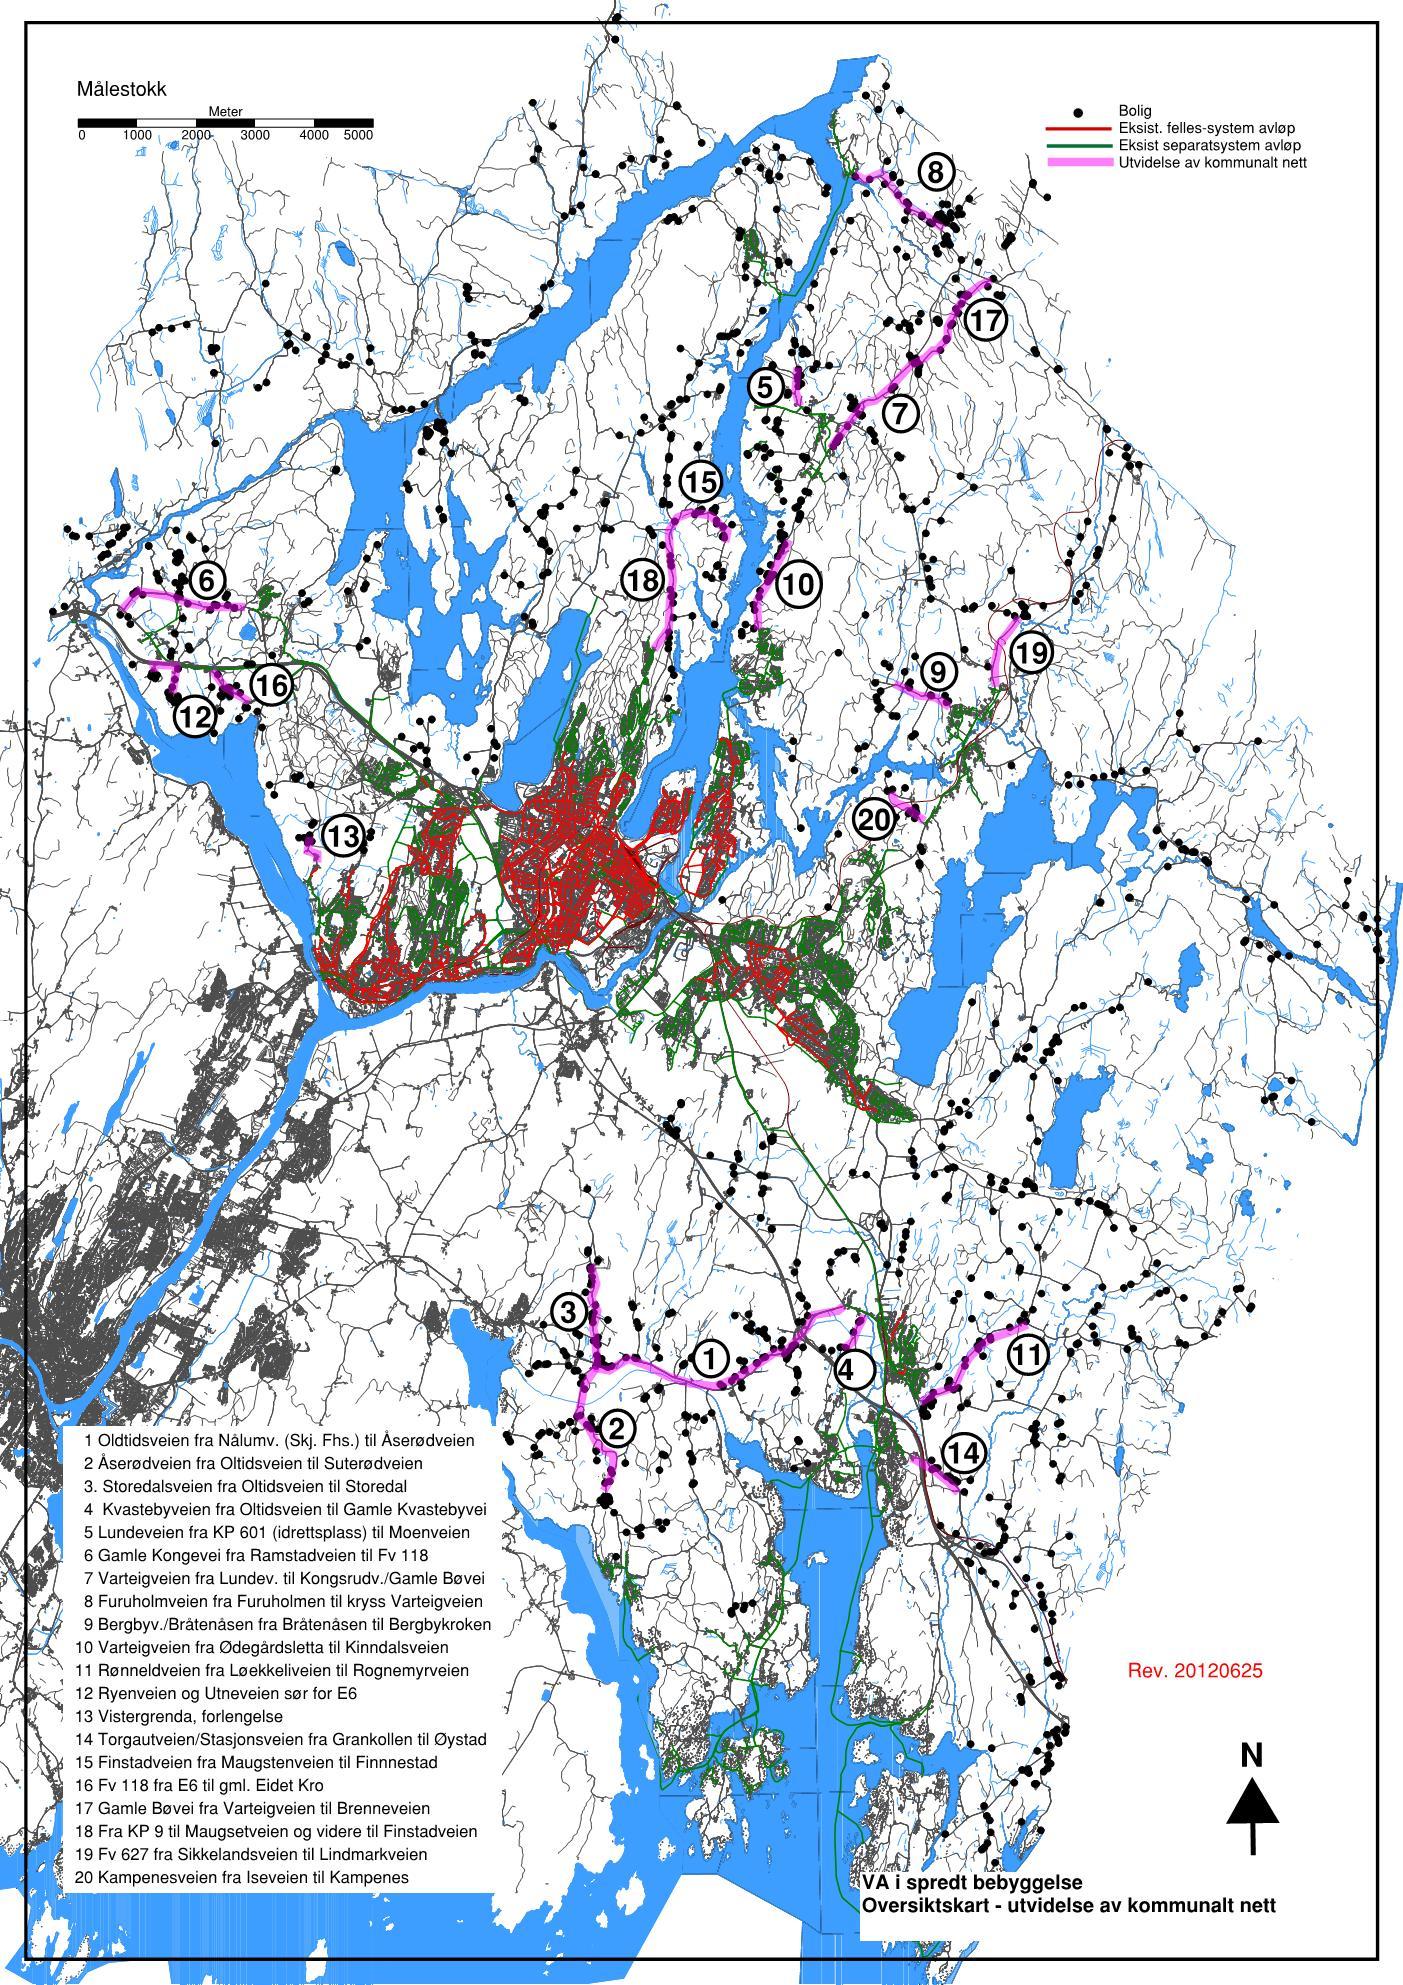 kart over vann og avløp Sarpsbkommune   Vann og avløp kart over vann og avløp